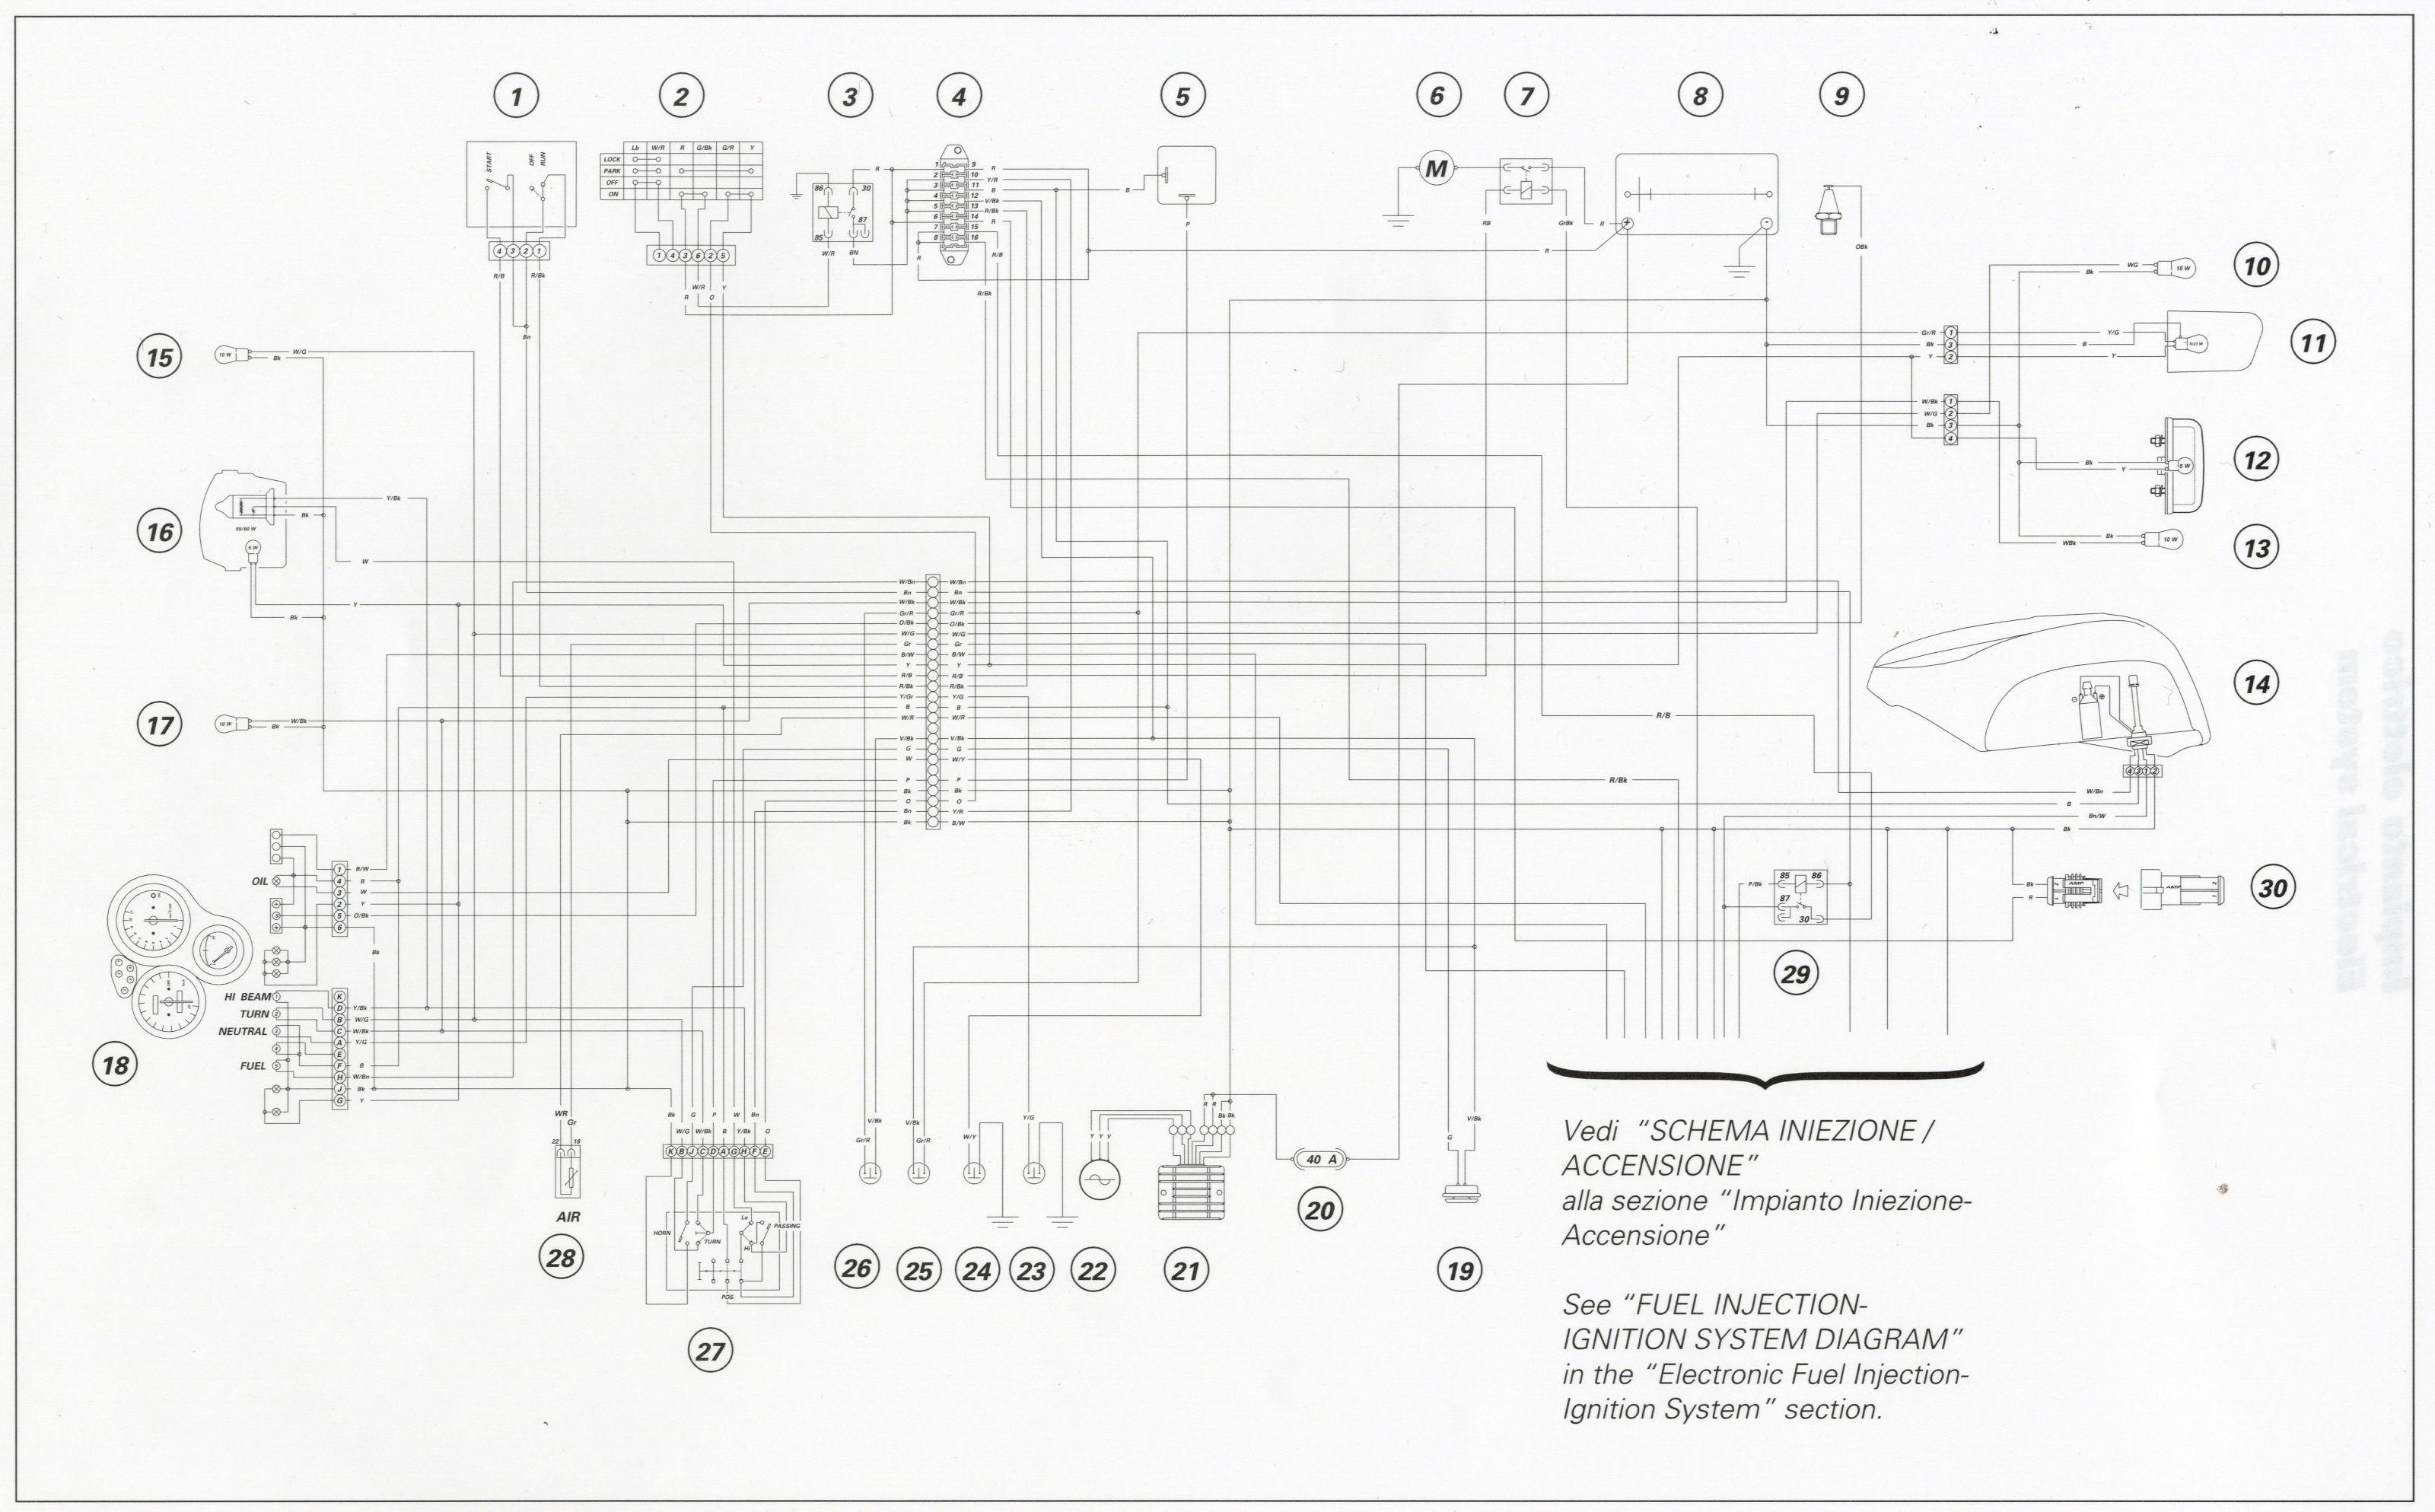 Ducati 696 Wiring Diagram - 2 Stroke Minimal Wiring Diagram for Wiring  Diagram SchematicsWiring Diagram Schematics